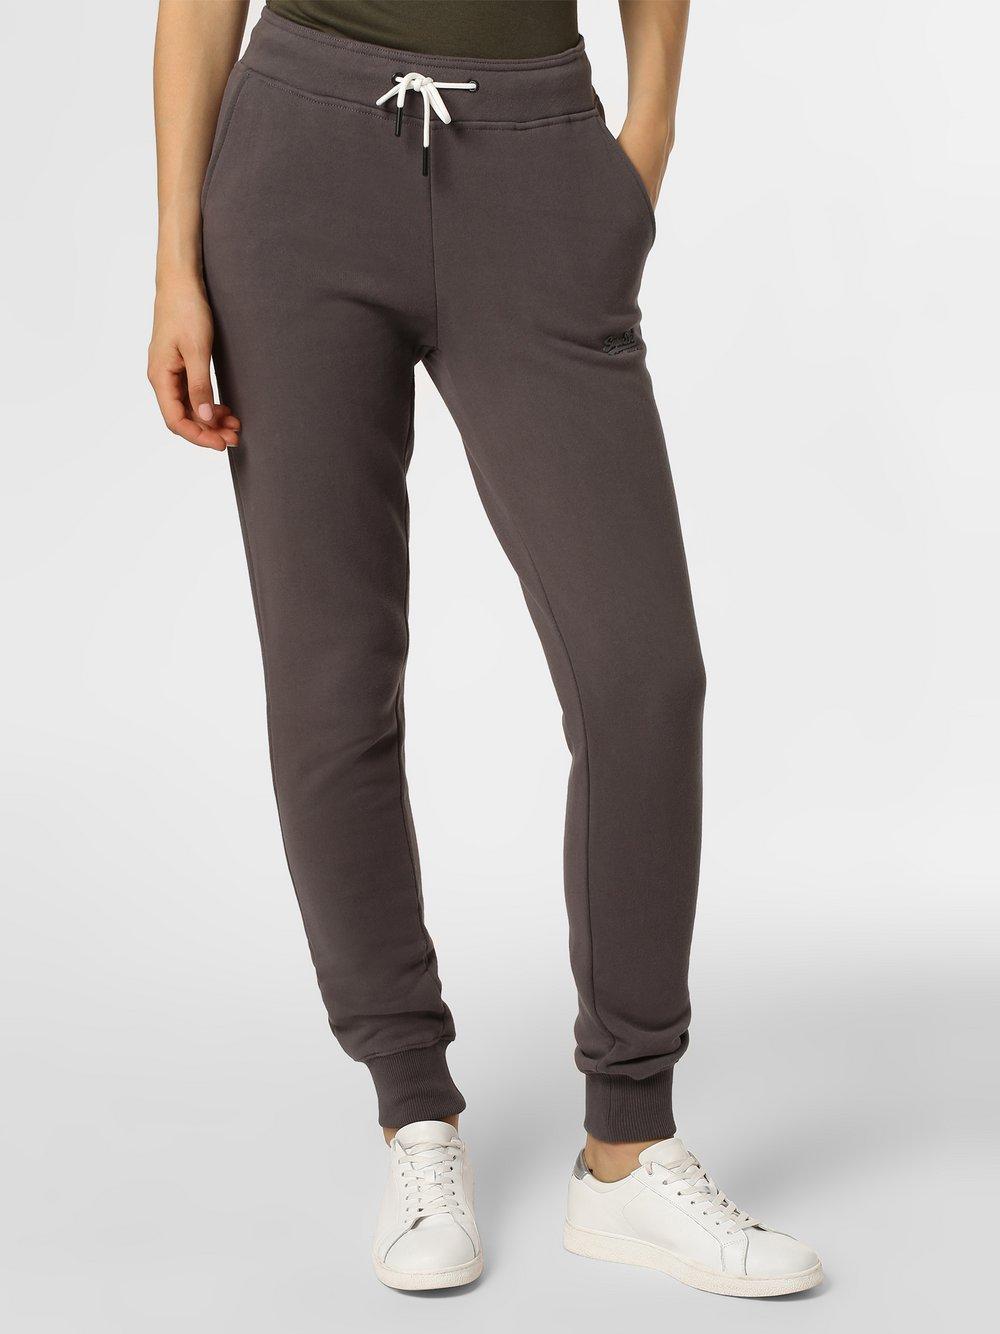 Superdry - Damskie spodnie dresowe, szary